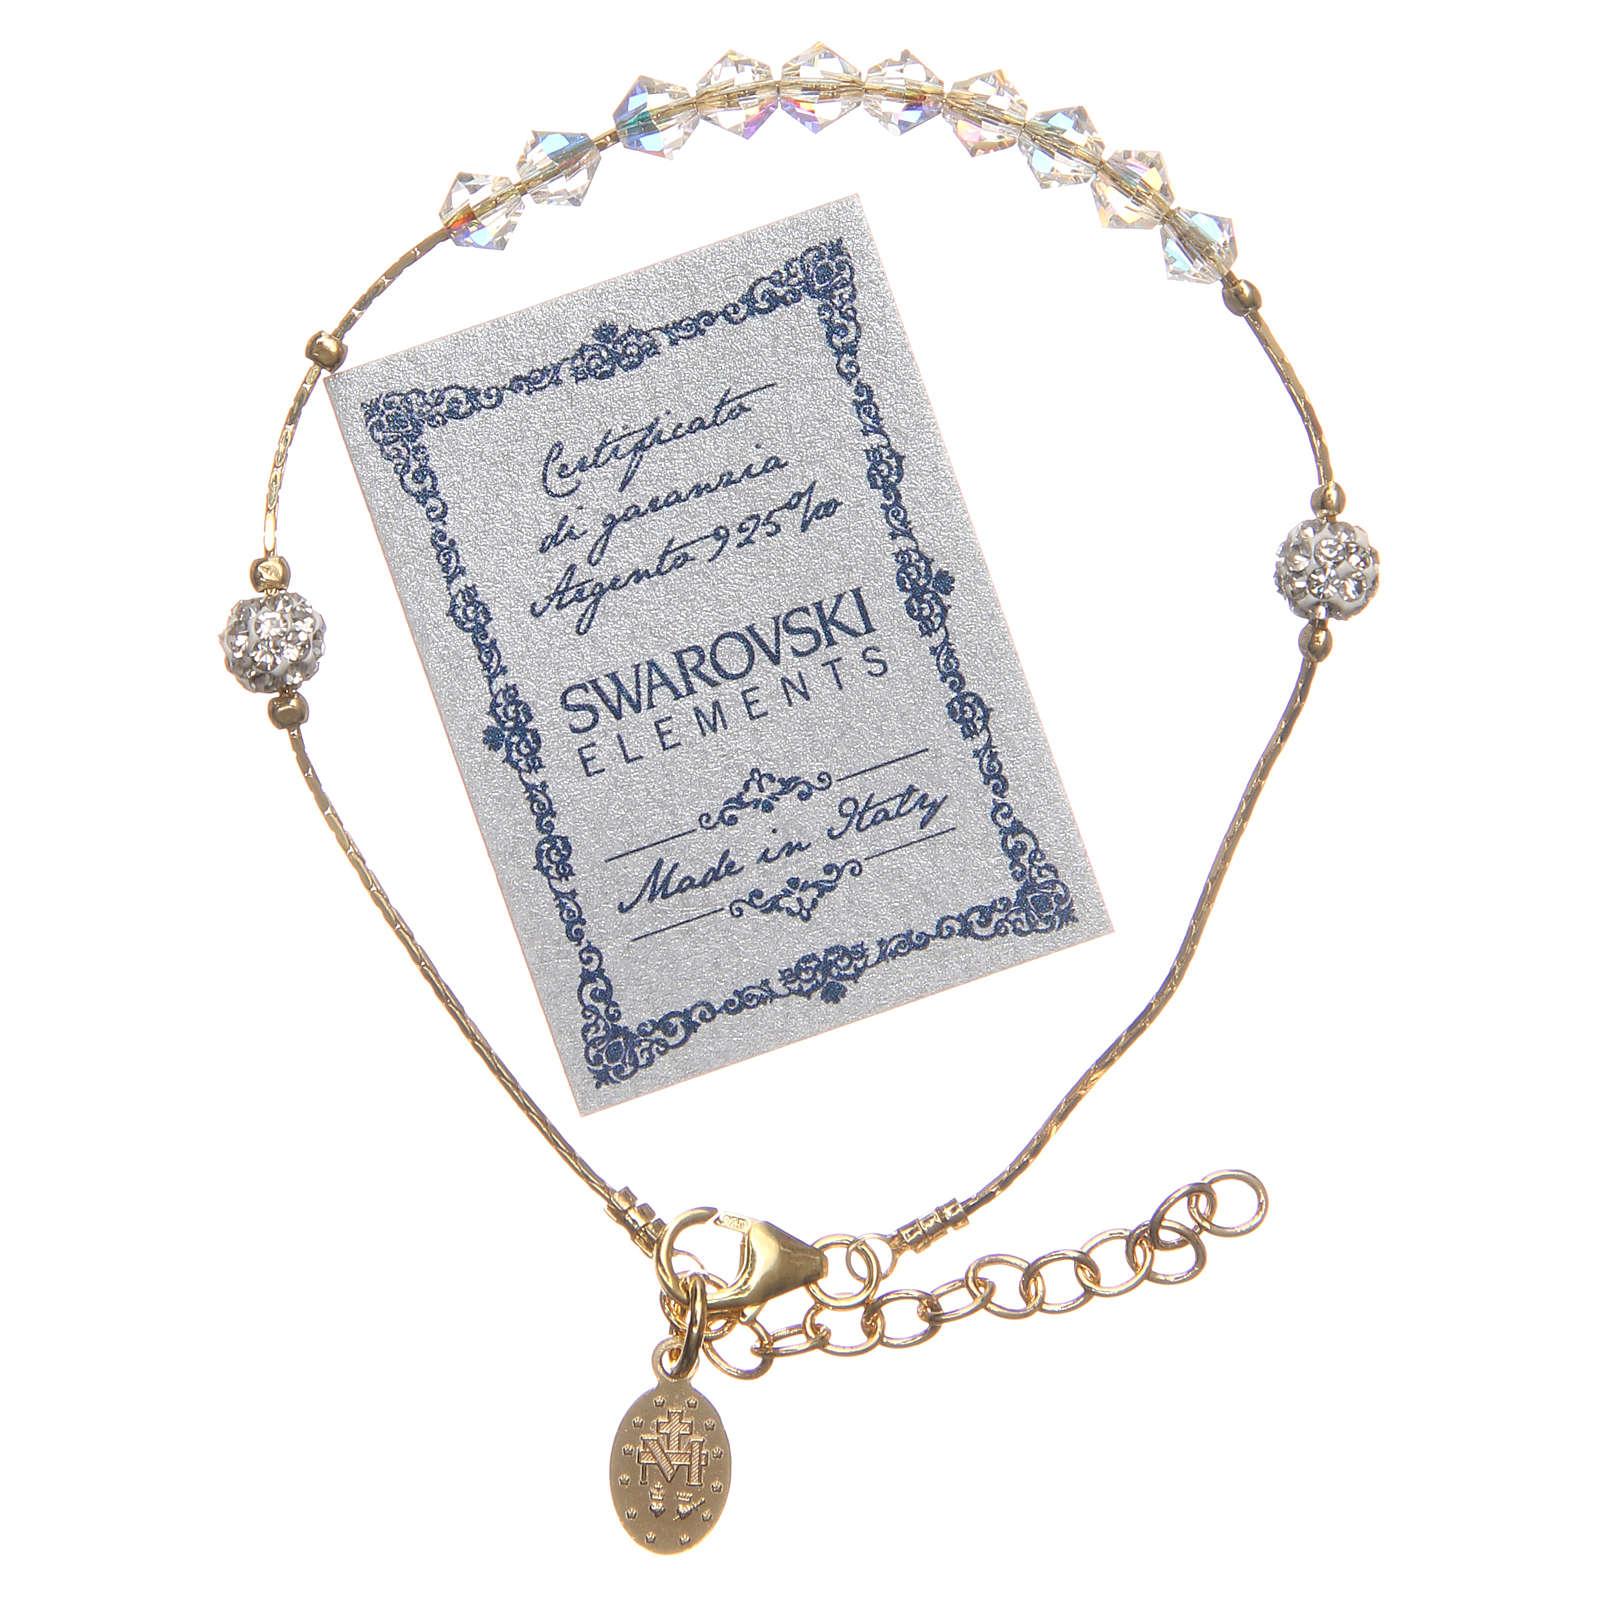 Bracciale Argento 925 dorato e Swarovski grano cristallo 4